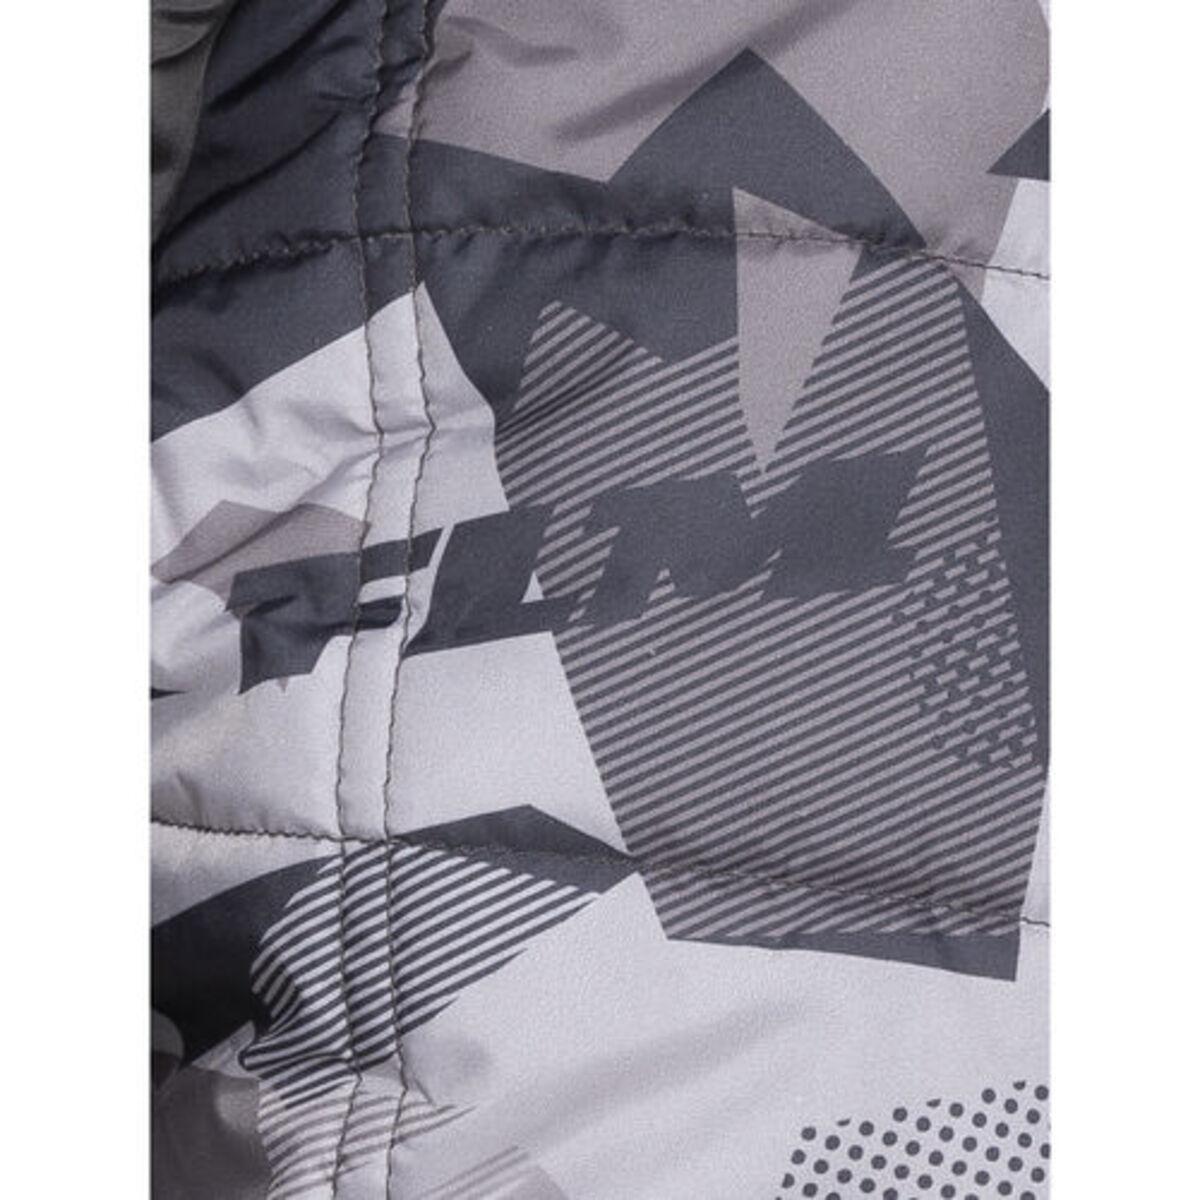 Bild 4 von FLM            Steppjacke 1.0 grau